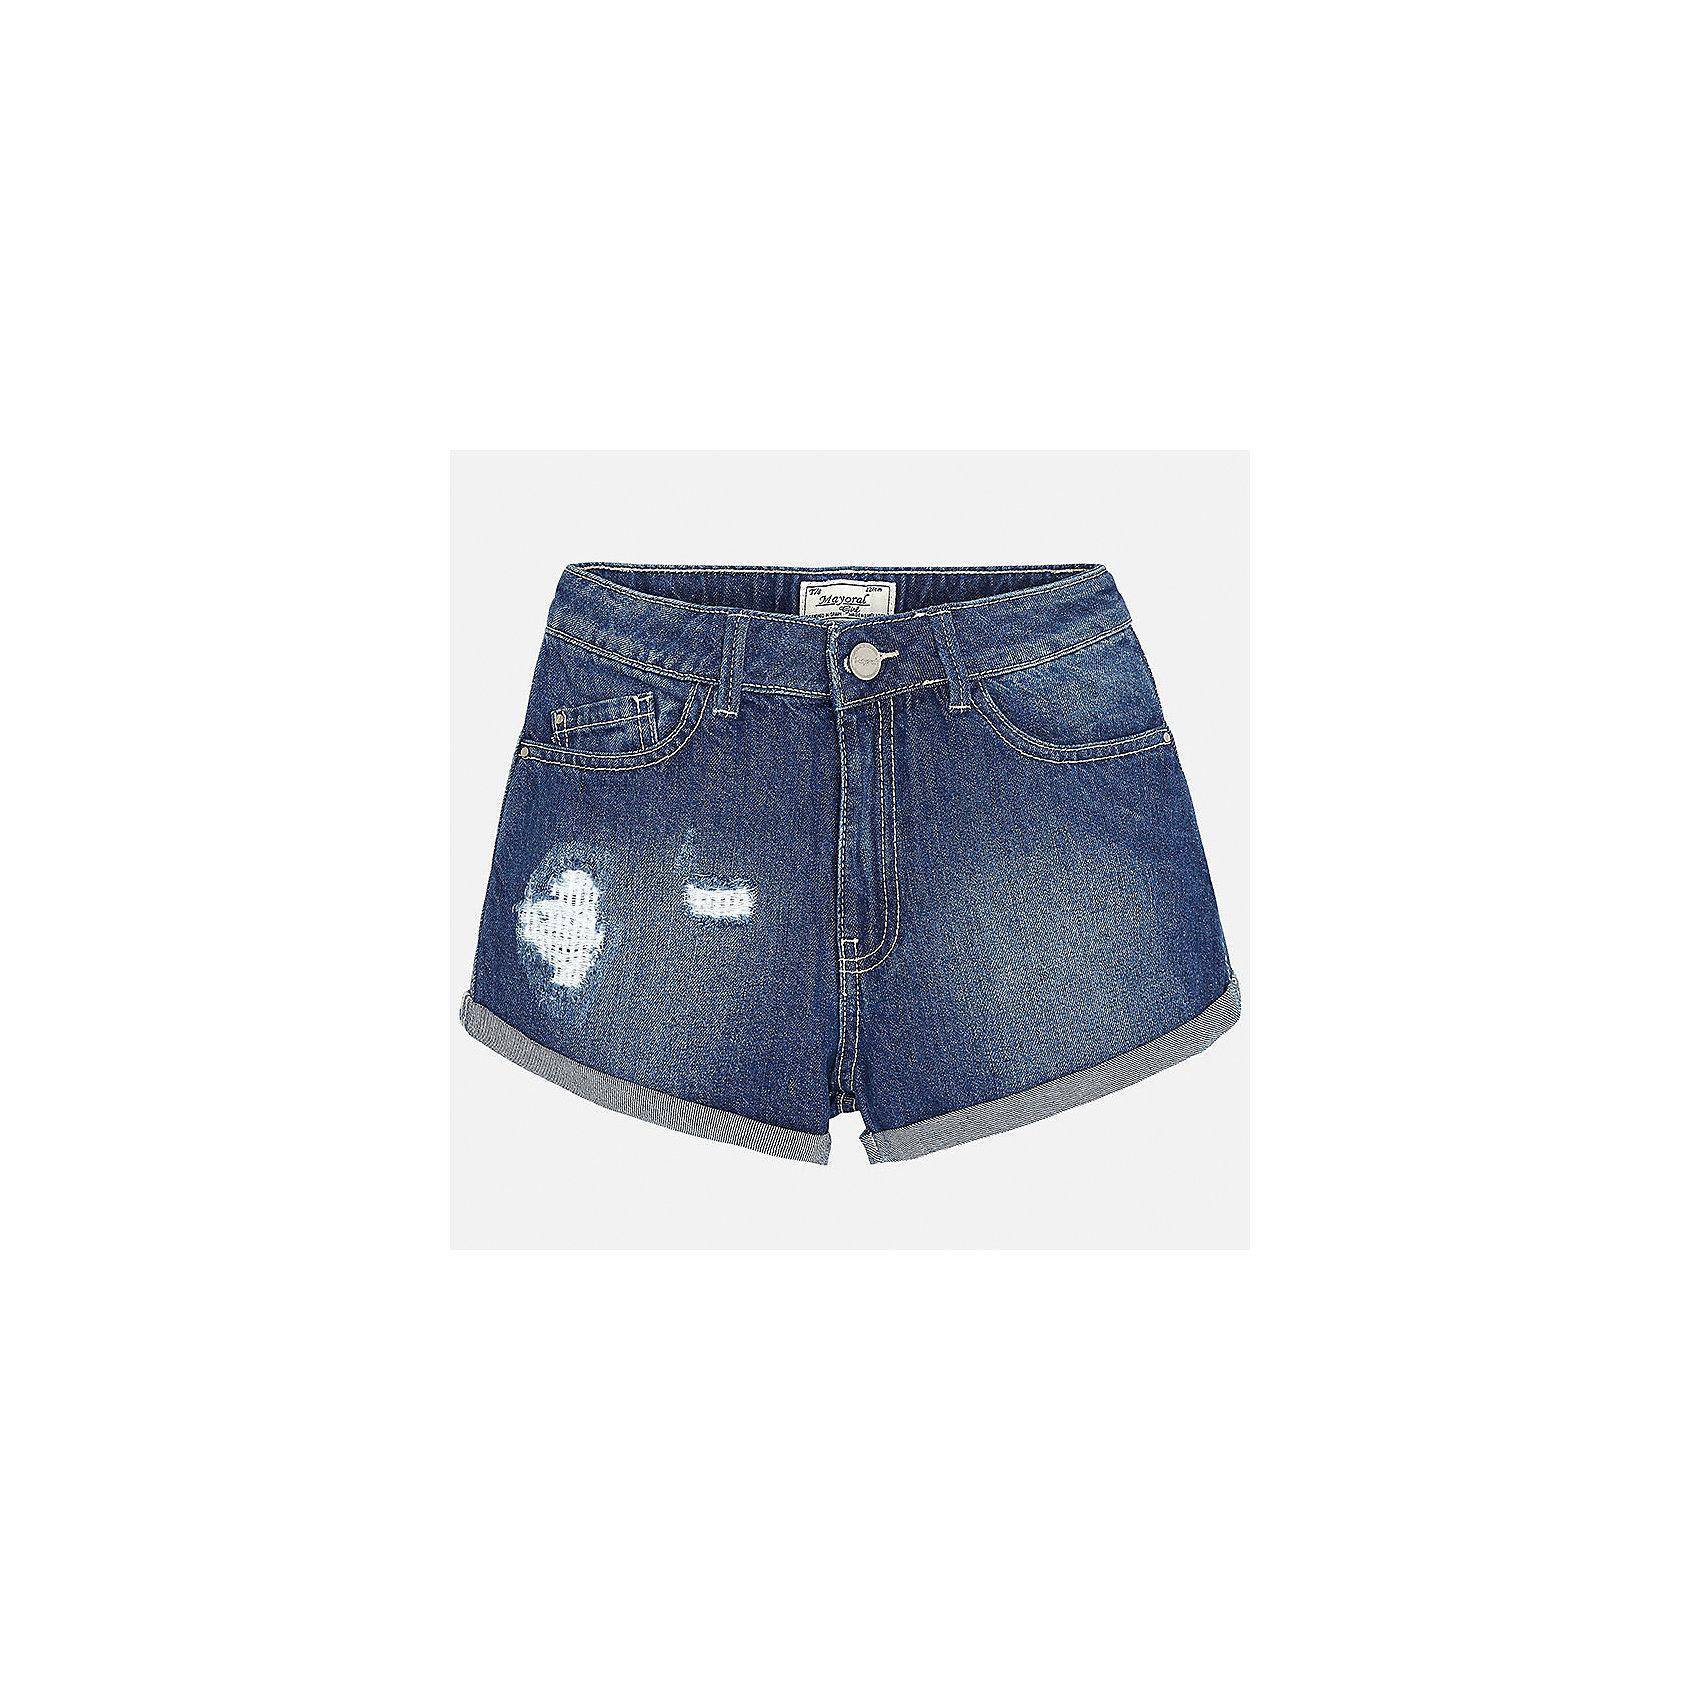 Шорты джинсовые для девочки MayoralХарактеристики товара:<br><br>• цвет: синий<br>• состав: 97% хлопок, 3% эластан<br>• эффект потертости<br>• карманы<br>• пояс с регулировкой объема<br>• шлевки<br>• страна бренда: Испания<br><br>Стильные легкие шорты для девочки смогут разнообразить гардероб ребенка и украсить наряд. Они отлично сочетаются с майками, футболками, блузками. Красивый оттенок позволяет подобрать к вещи верх разных расцветок. Интересный крой модели делает её нарядной и оригинальной. В составе материала - натуральный хлопок, гипоаллергенный, приятный на ощупь, дышащий.<br><br>Одежда, обувь и аксессуары от испанского бренда Mayoral полюбились детям и взрослым по всему миру. Модели этой марки - стильные и удобные. Для их производства используются только безопасные, качественные материалы и фурнитура. Порадуйте ребенка модными и красивыми вещами от Mayoral! <br><br>Шорты для девочки от испанского бренда Mayoral (Майорал) можно купить в нашем интернет-магазине.<br><br>Ширина мм: 191<br>Глубина мм: 10<br>Высота мм: 175<br>Вес г: 273<br>Цвет: голубой<br>Возраст от месяцев: 168<br>Возраст до месяцев: 180<br>Пол: Женский<br>Возраст: Детский<br>Размер: 170,164,158,152,140,128/134<br>SKU: 5292645